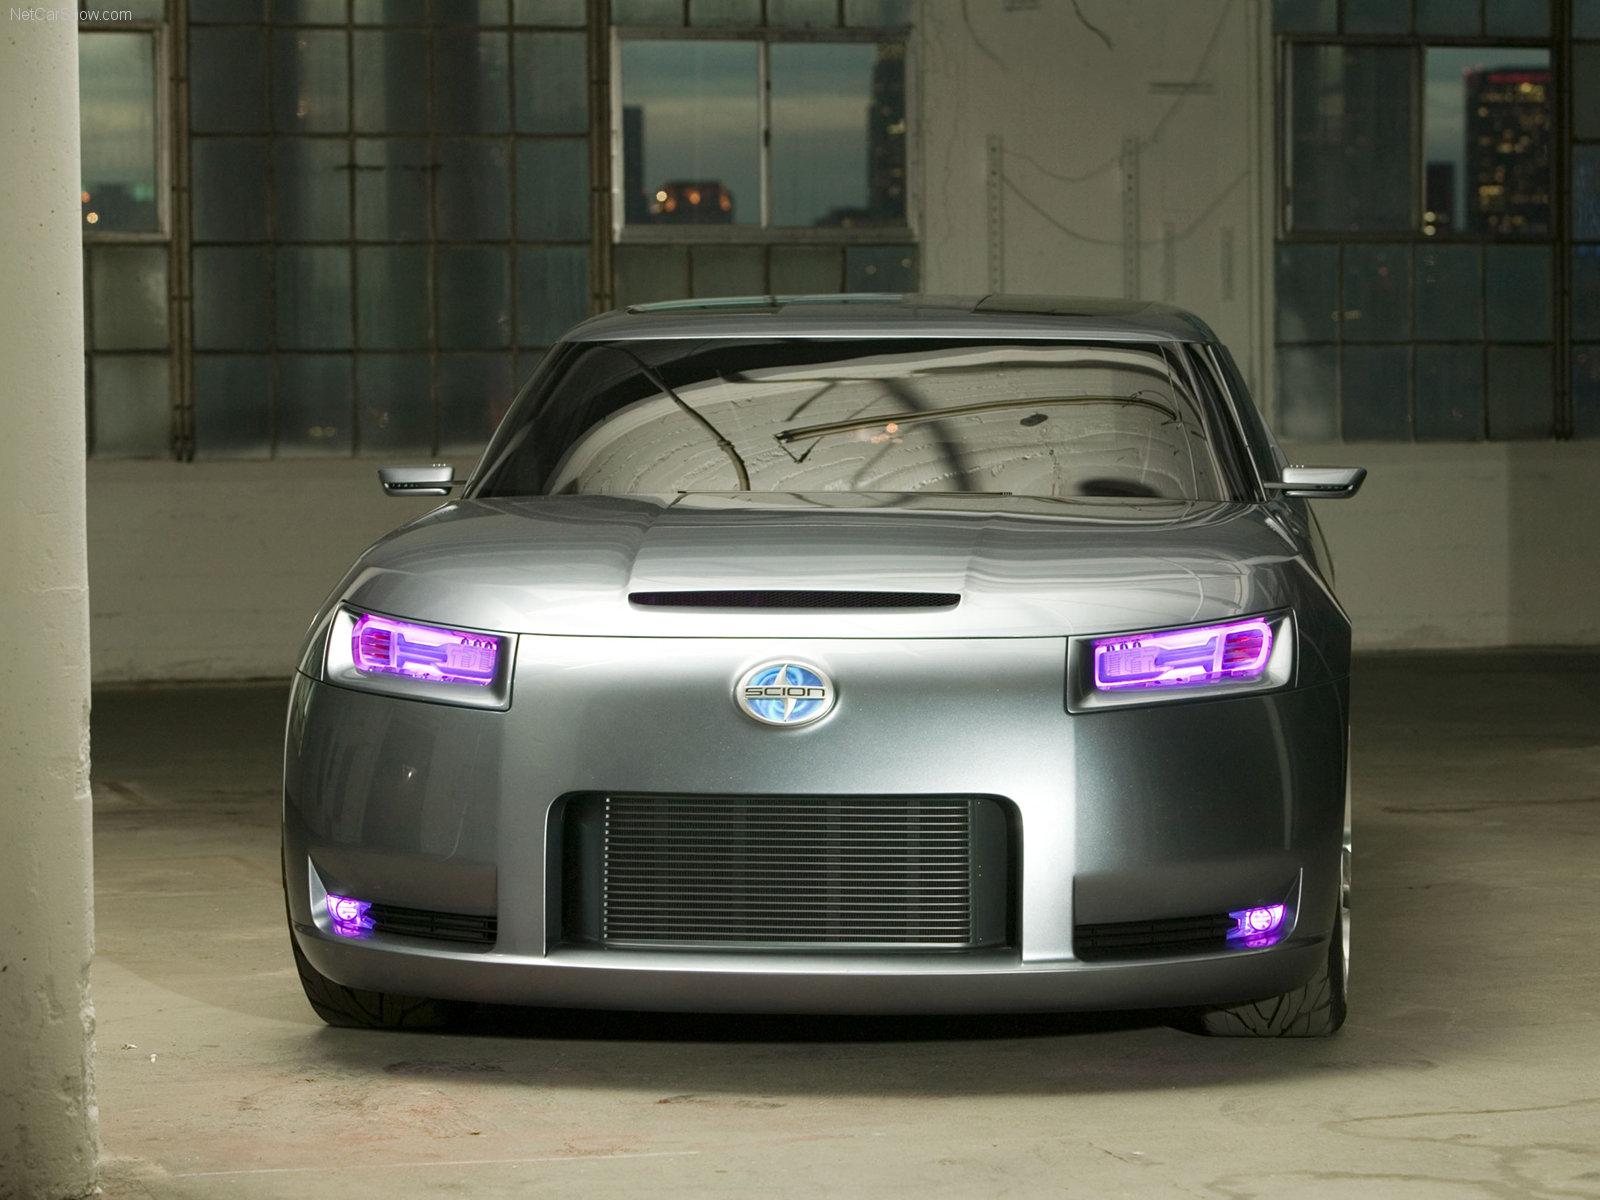 Hình ảnh xe ô tô Scion FUSE Concept 2006 & nội ngoại thất